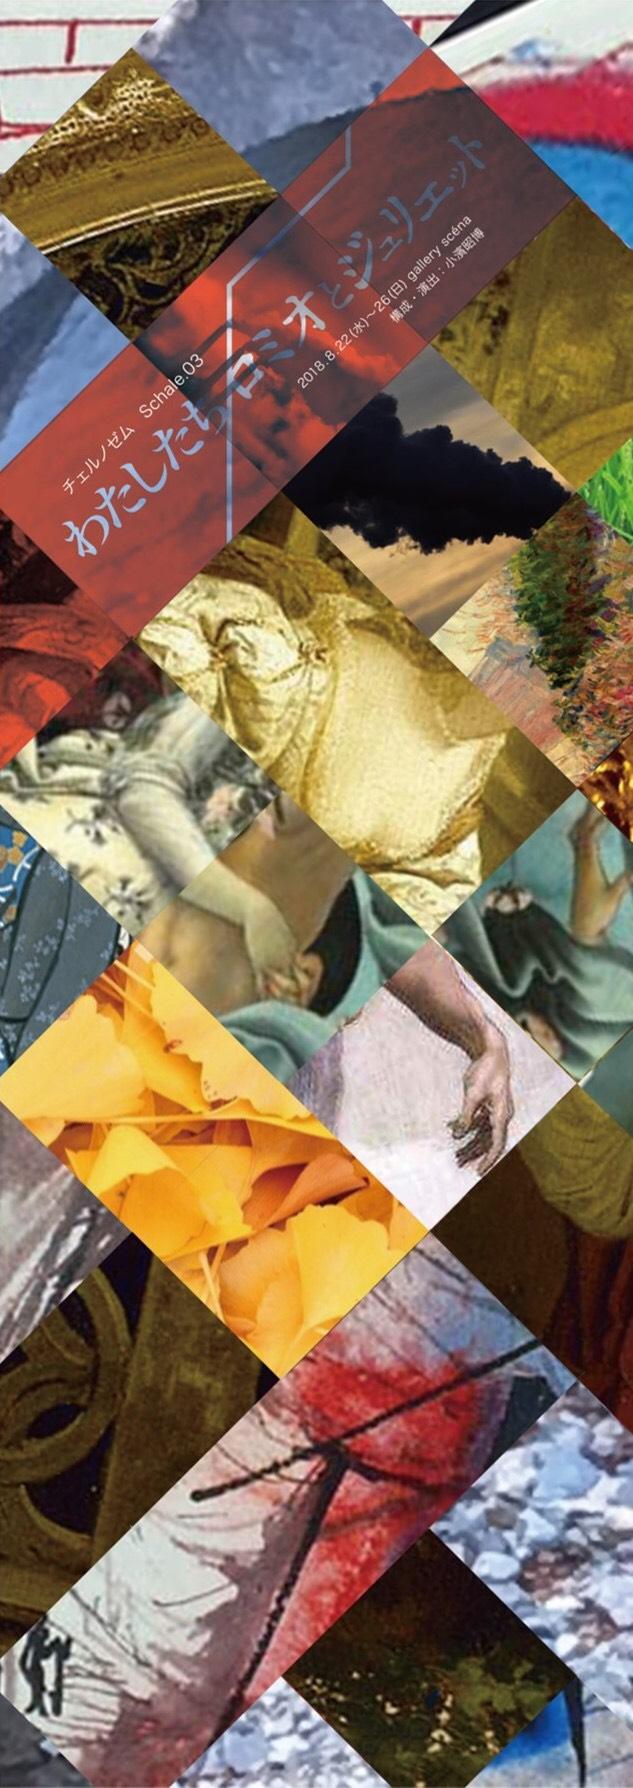 チェルノゼム 演劇公演 Schale.03「カルチベート・プロジェクト『わたしたち/ロミオとジュリエット』」 8/23